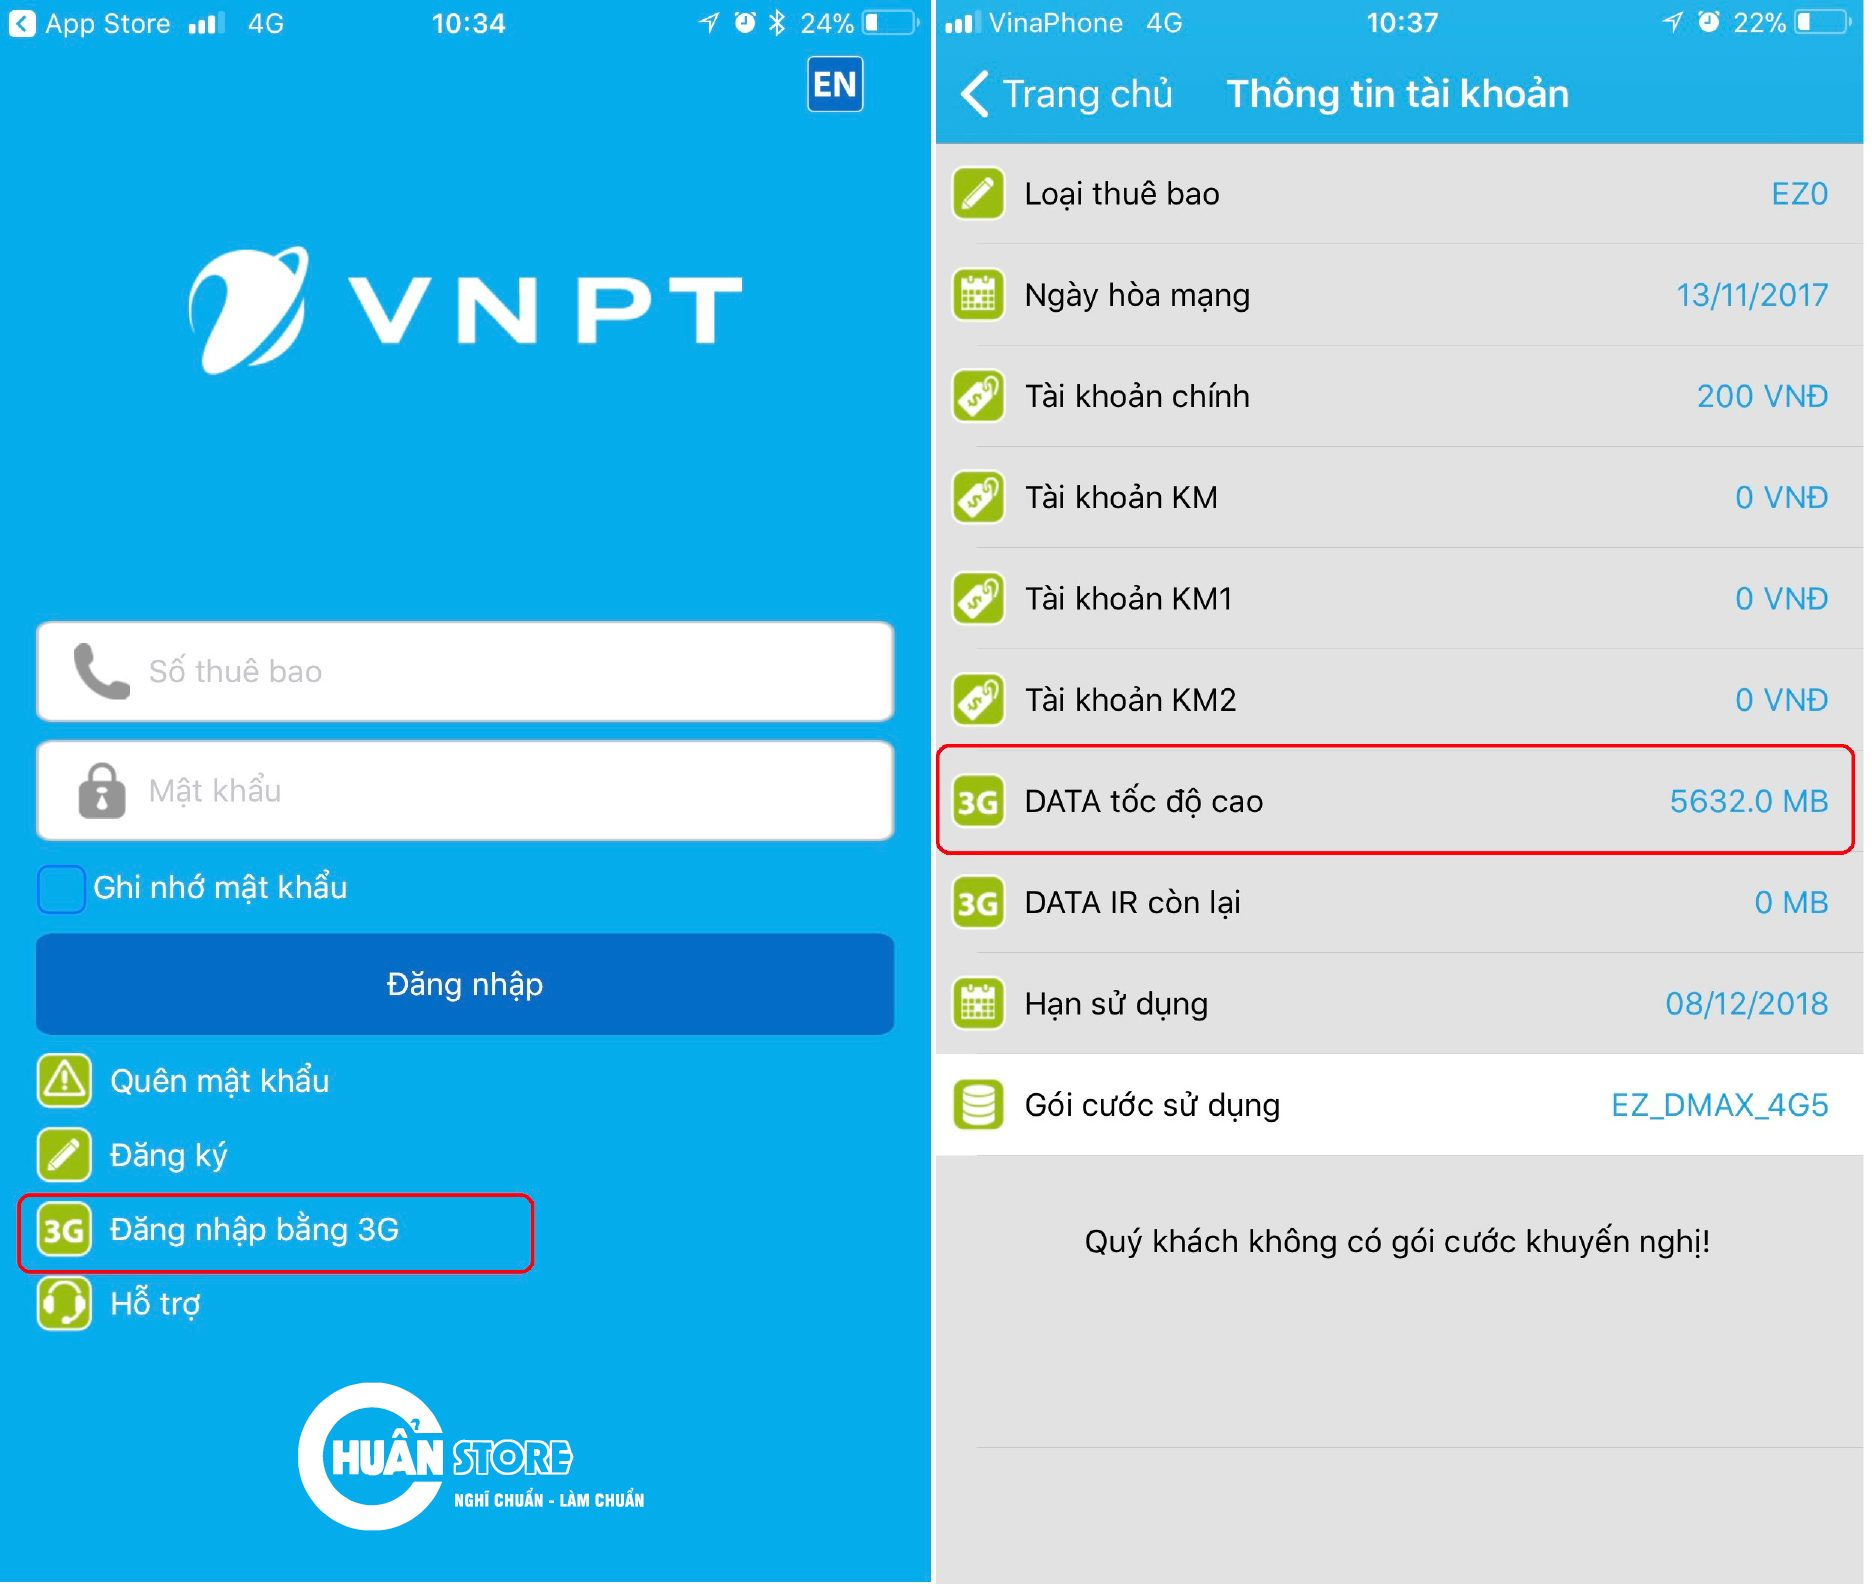 sim 4g vinaphone tron goi 1 nam khong nap tien chuan store - SIM 4G VINA D500 trọn gói một năm không nạp tiền